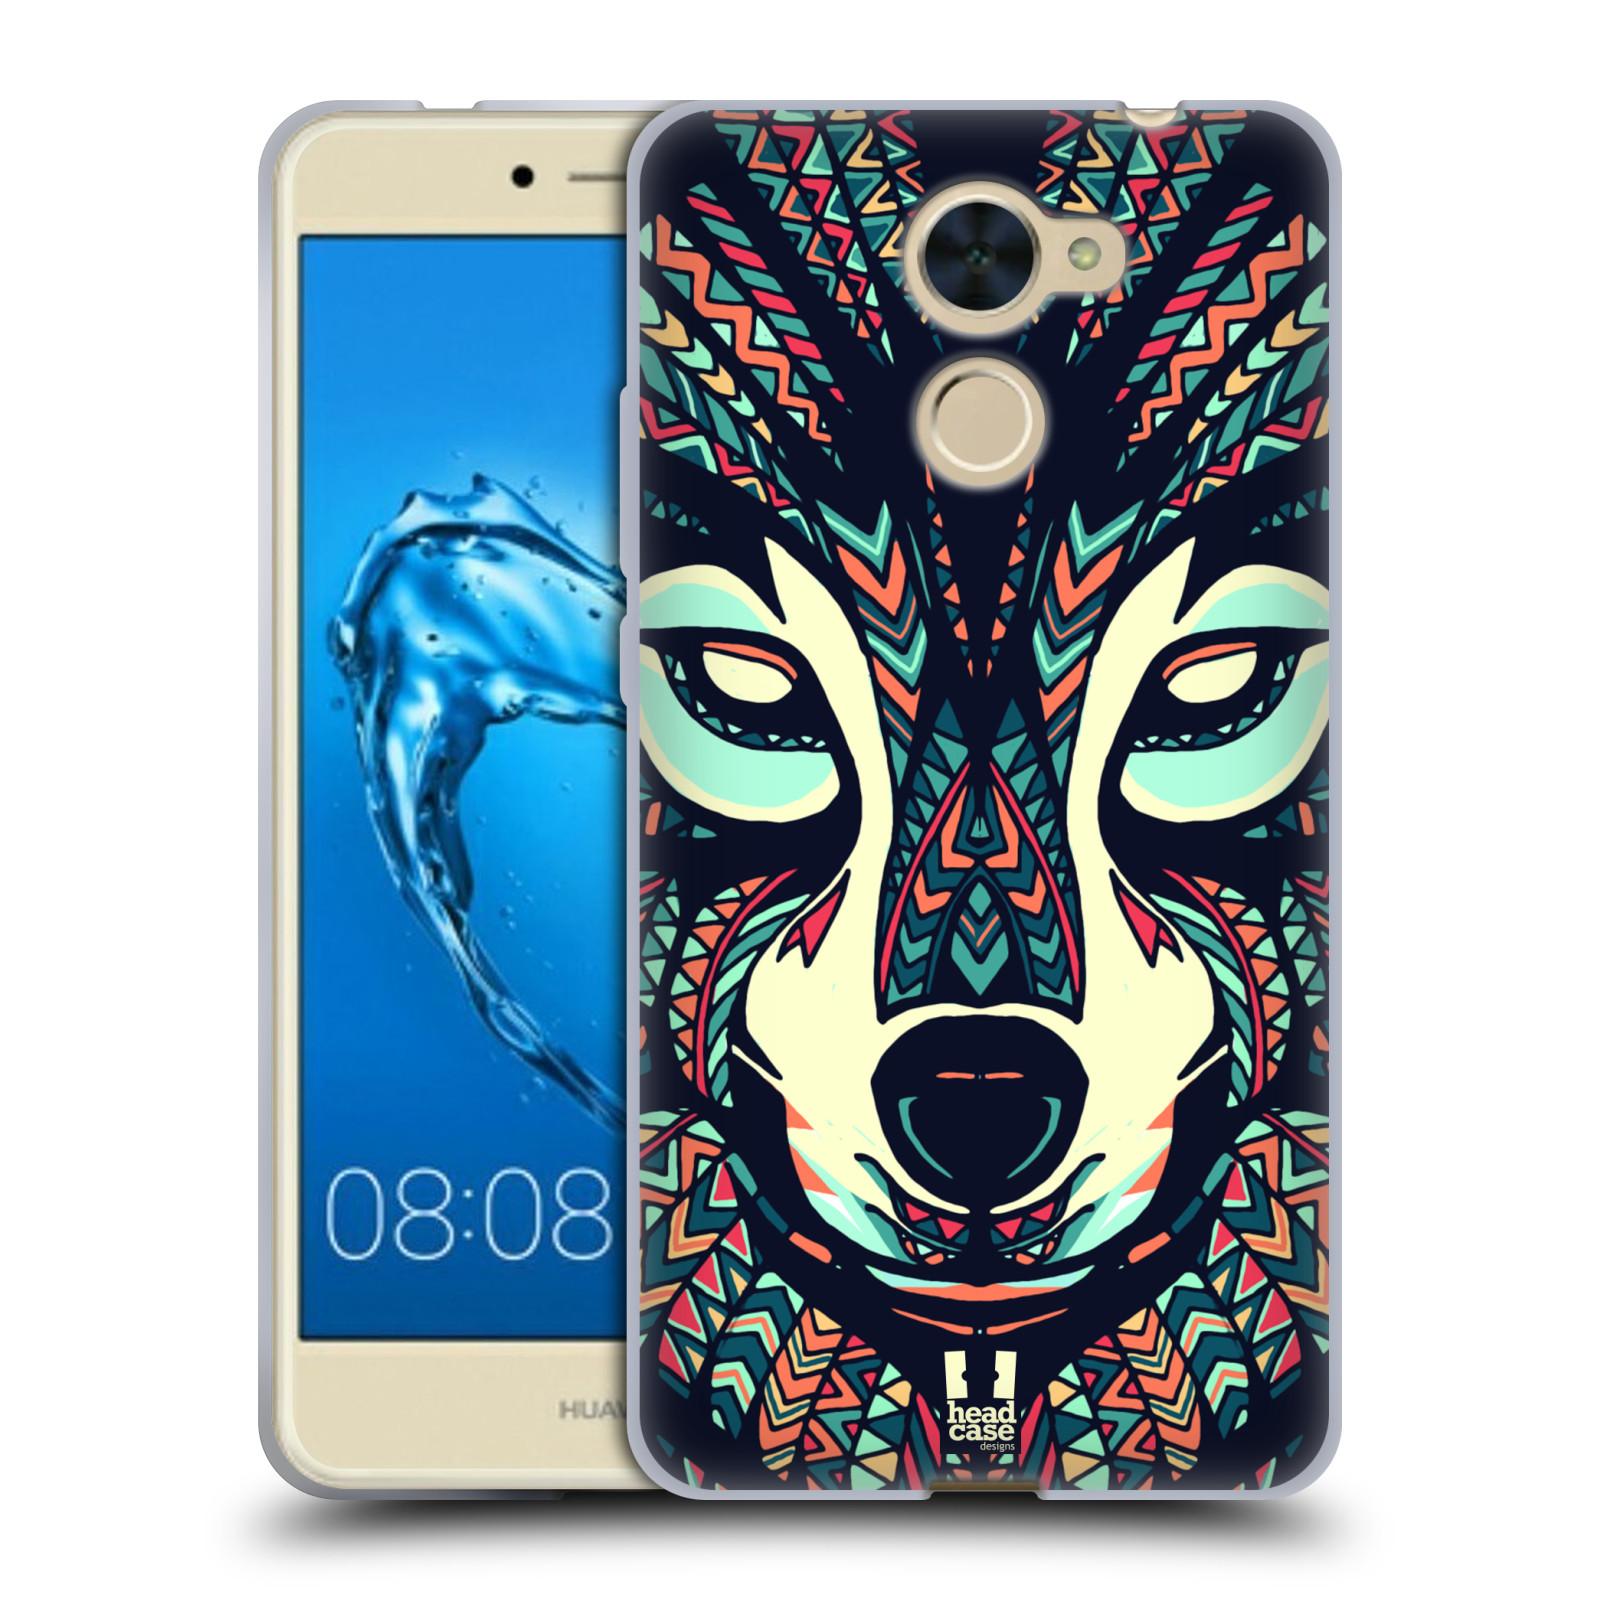 Silikonové pouzdro na mobil Huawei Y7 - Head Case - AZTEC VLK